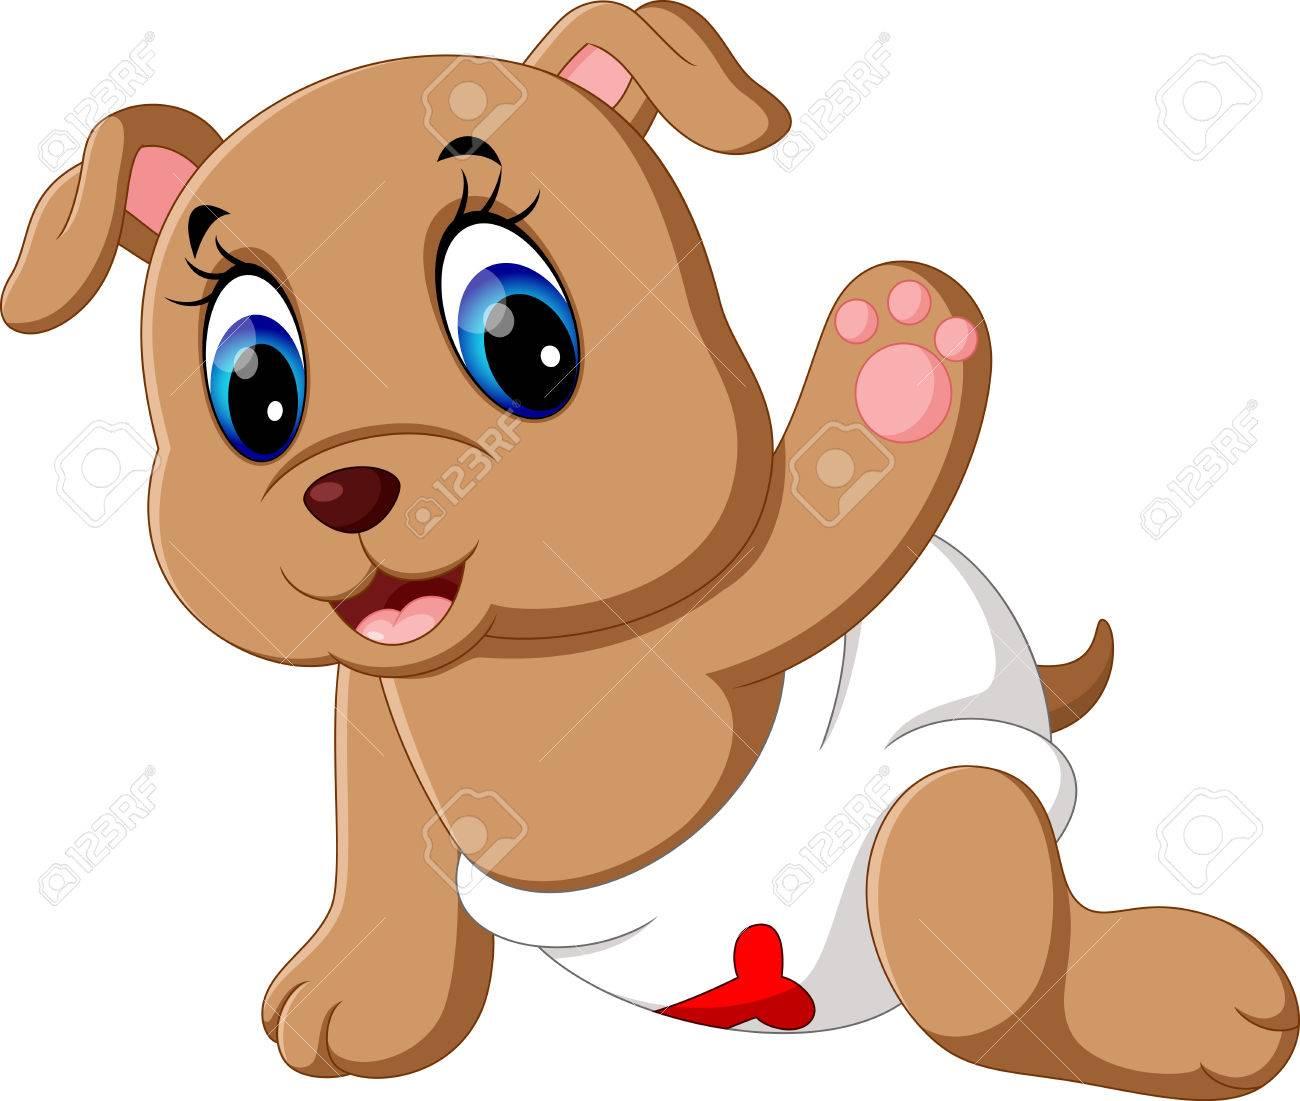 Perro De Dibujos Animados Lindo Bebé Fotos Retratos Imágenes Y